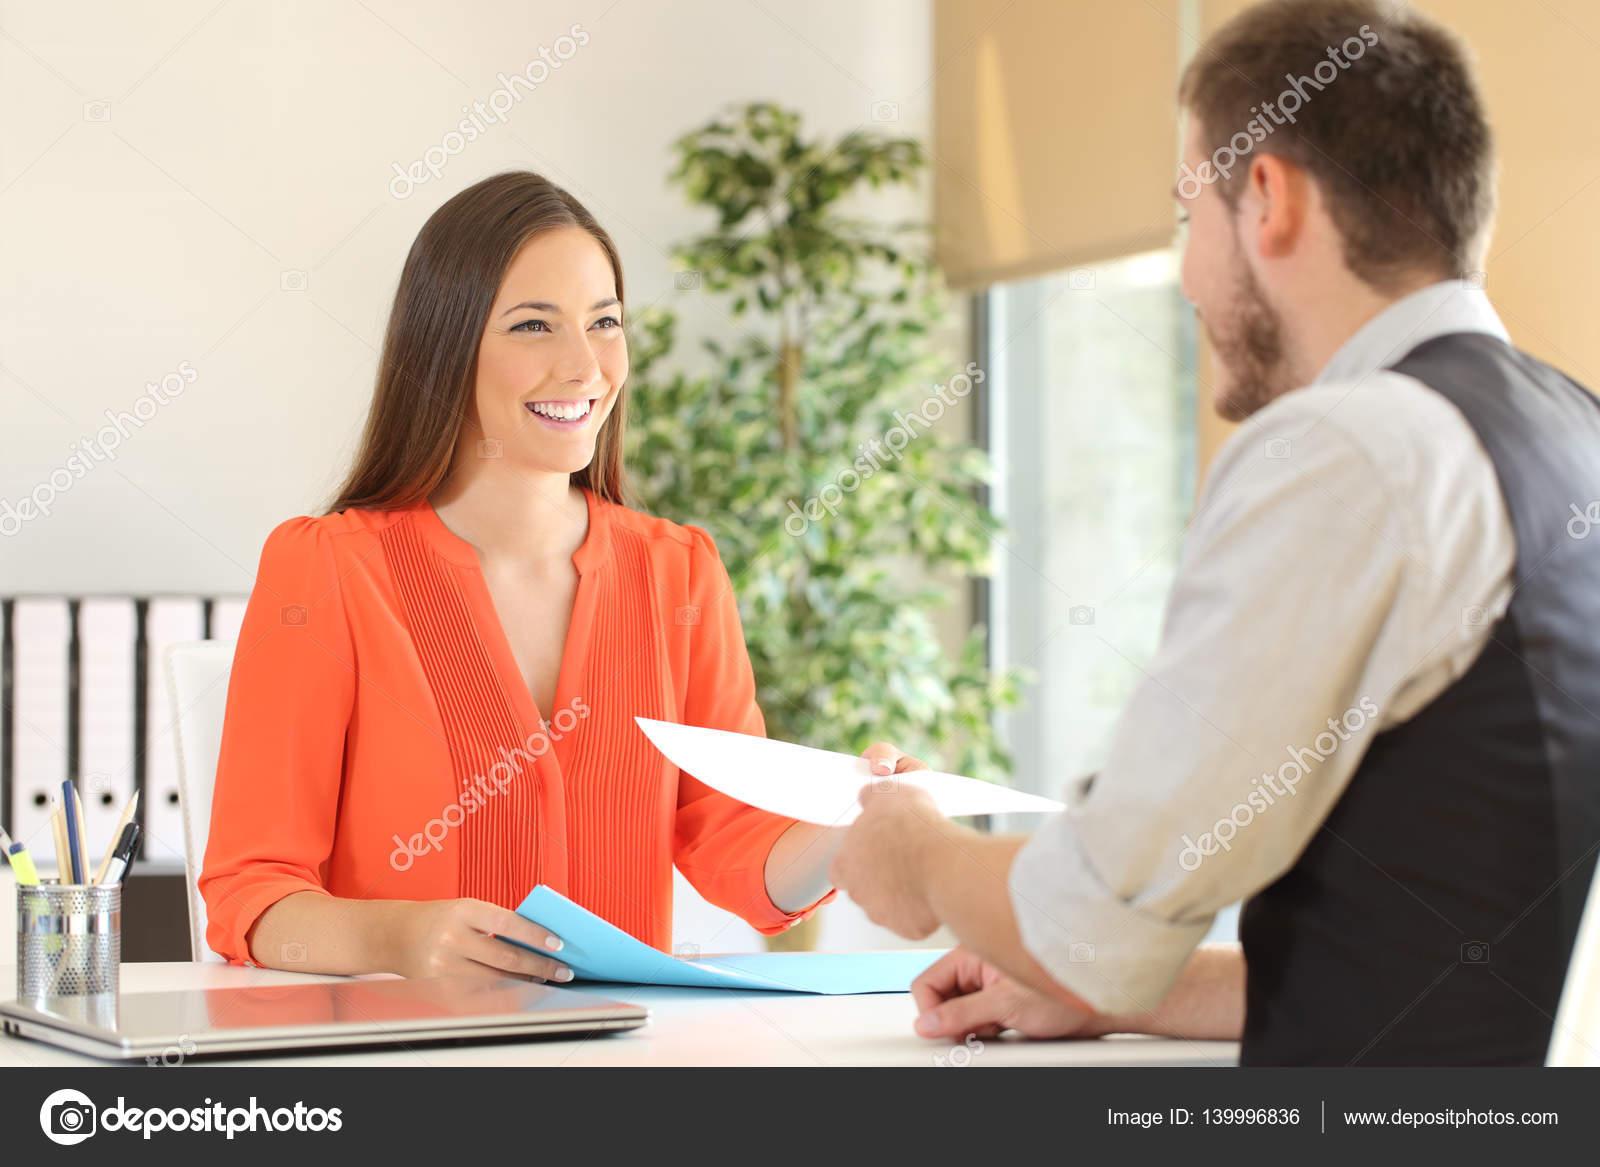 Frau mit Lebenslauf in einem Vorstellungsgespräch — Stockfoto ...